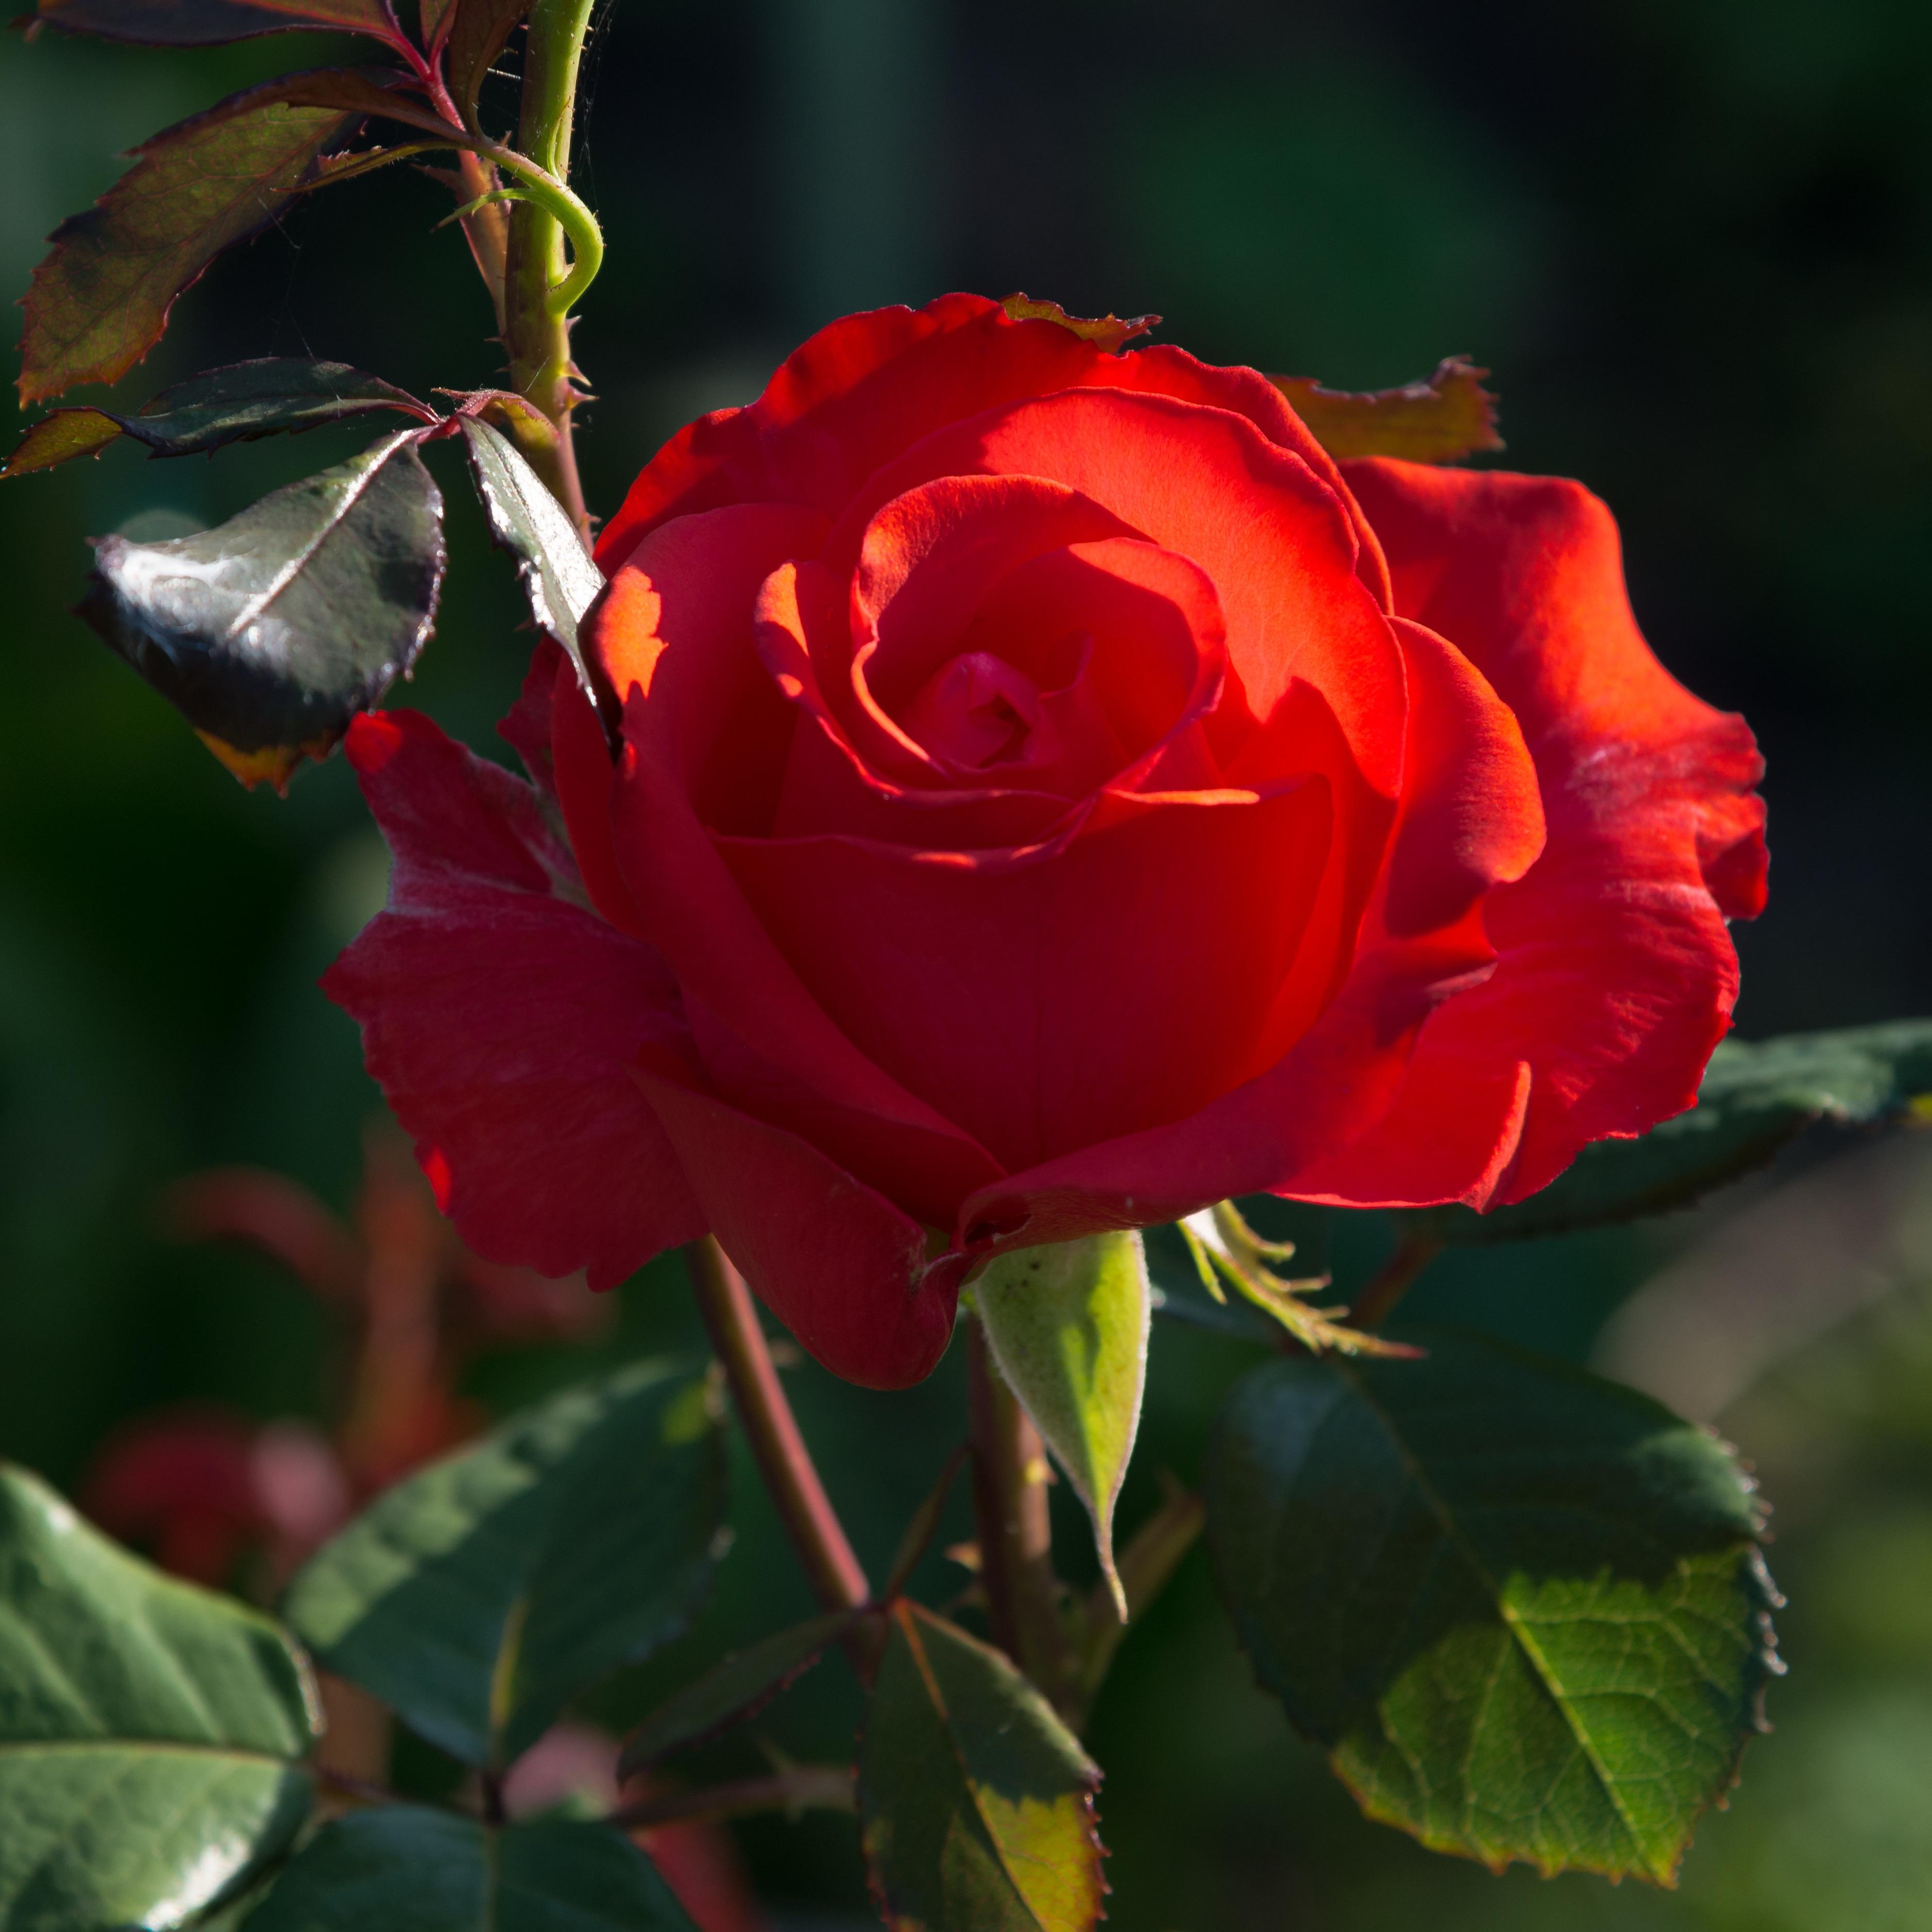 Muhteşem Güzellikte Güller Çok Güzel Güller Renkli Güller